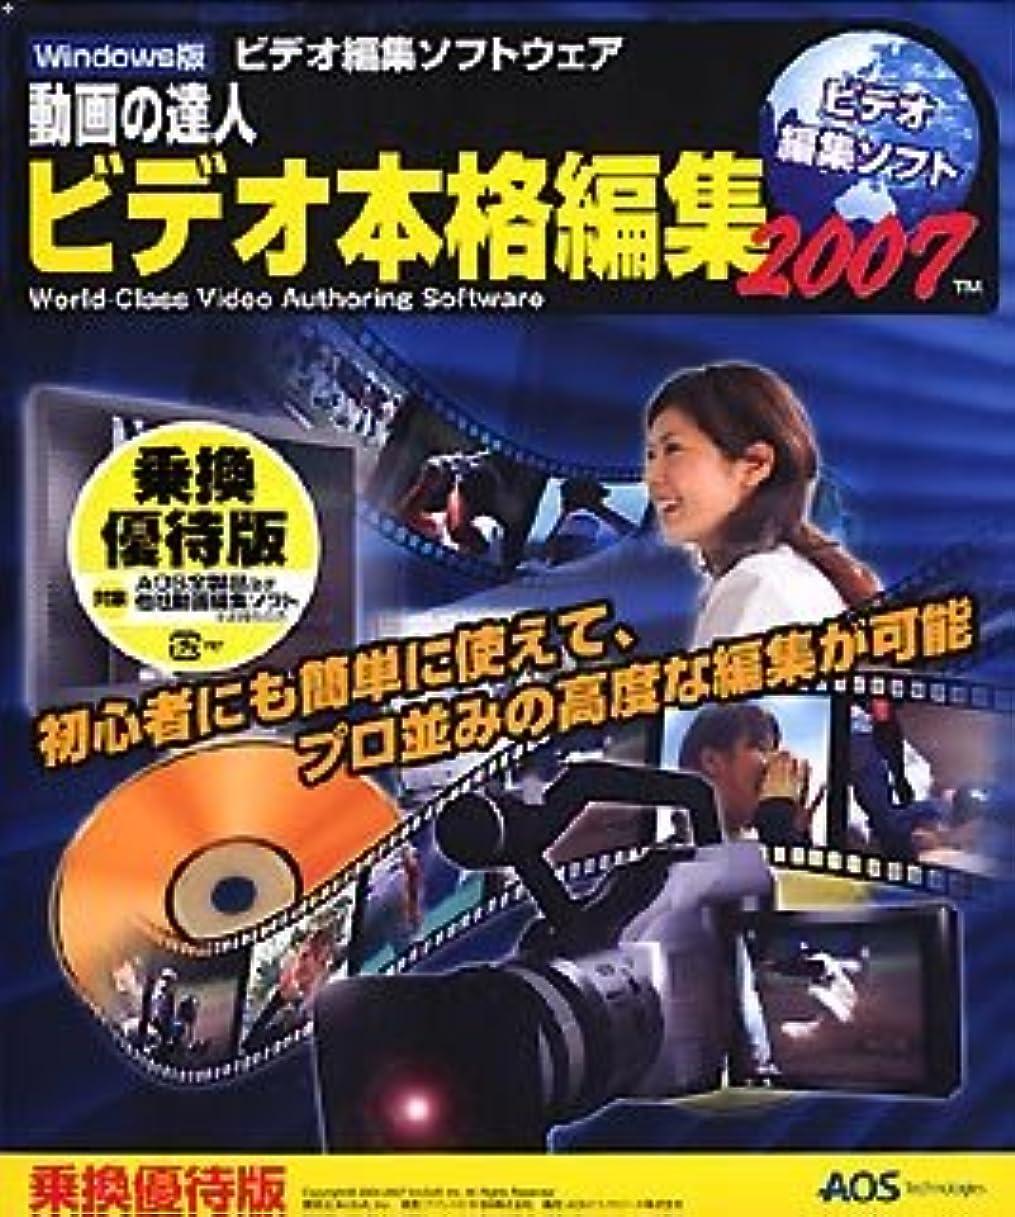 ポジション処分した最後の動画の達人 ビデオ本格編集2007 乗換優待版